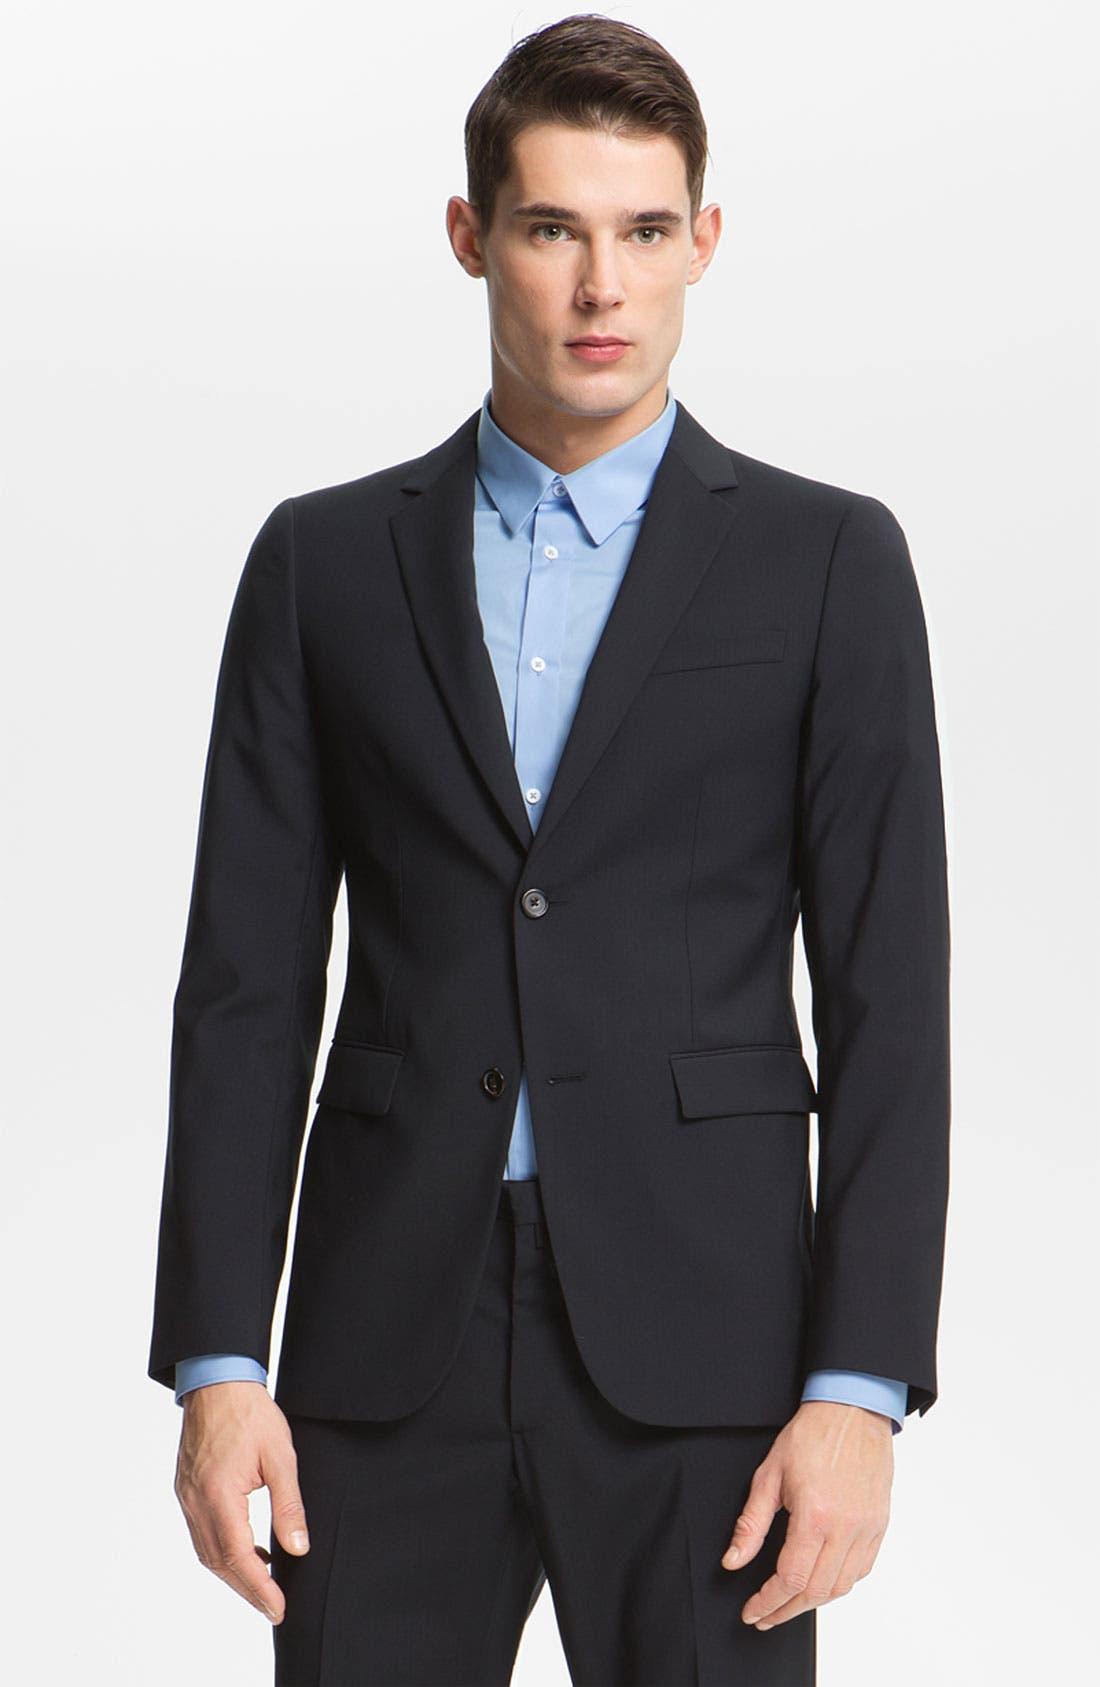 Alternate Image 1 Selected - Jil Sander Wool Suit